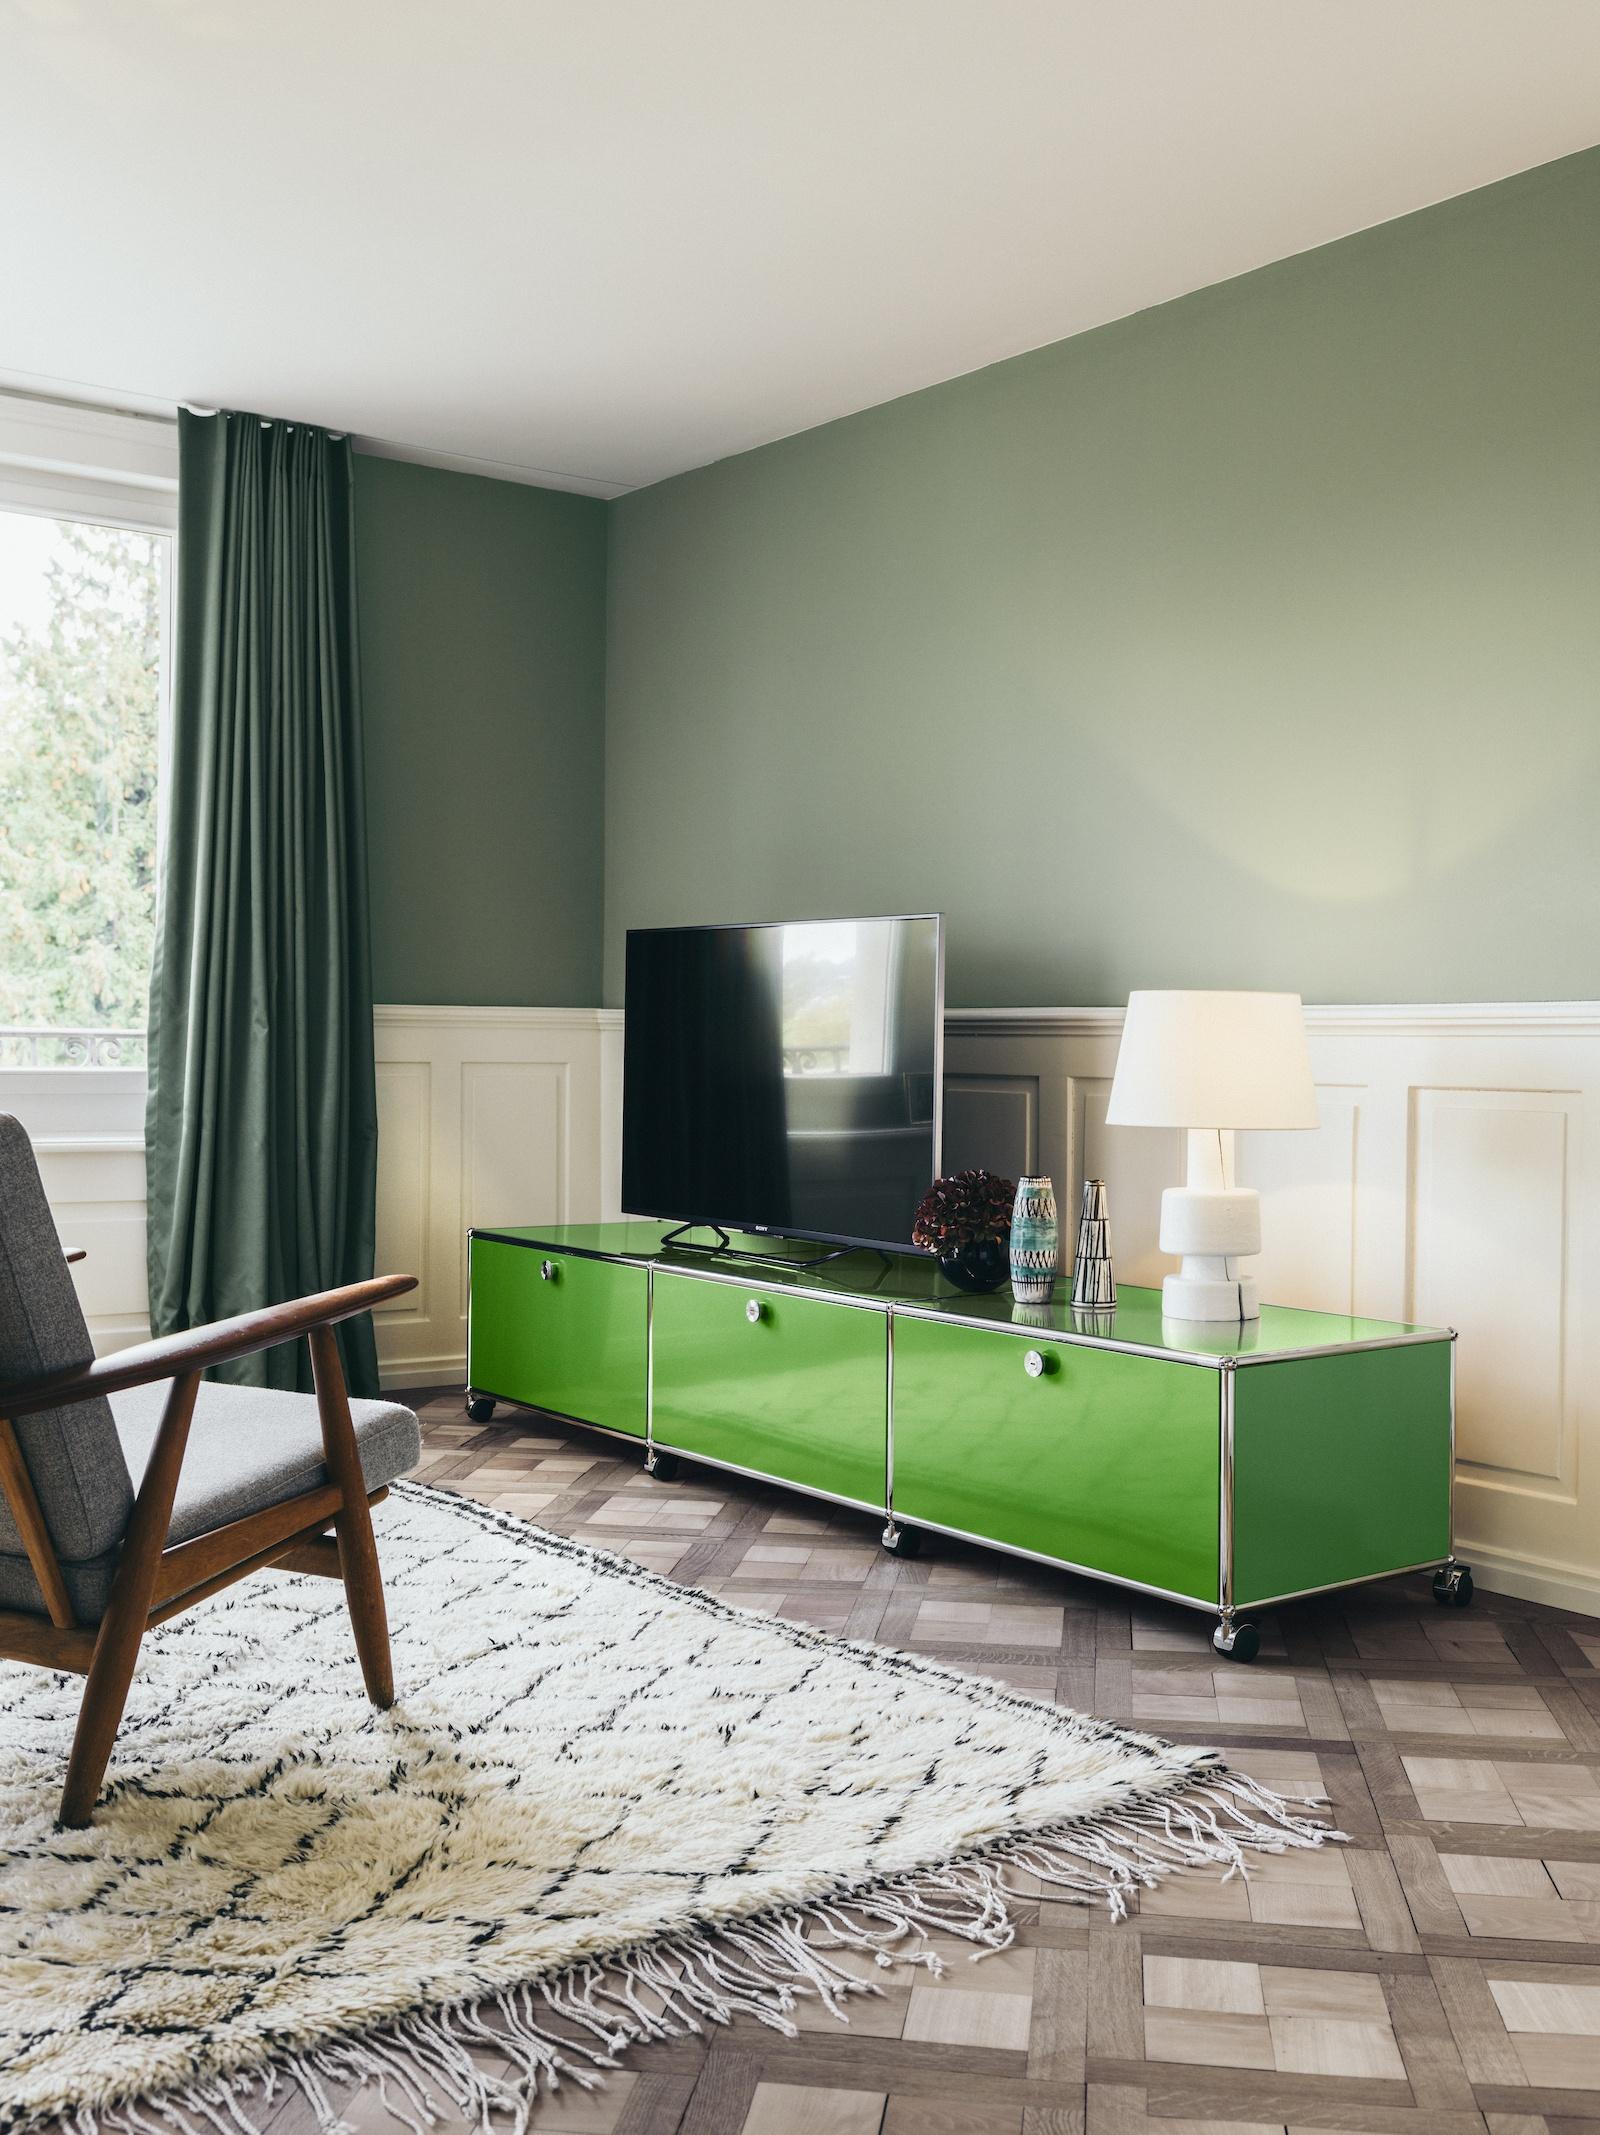 USM Haller Sideboard in Grün als TV Bank. Davor ein Sessel auf einem Beni Ourain Teppich